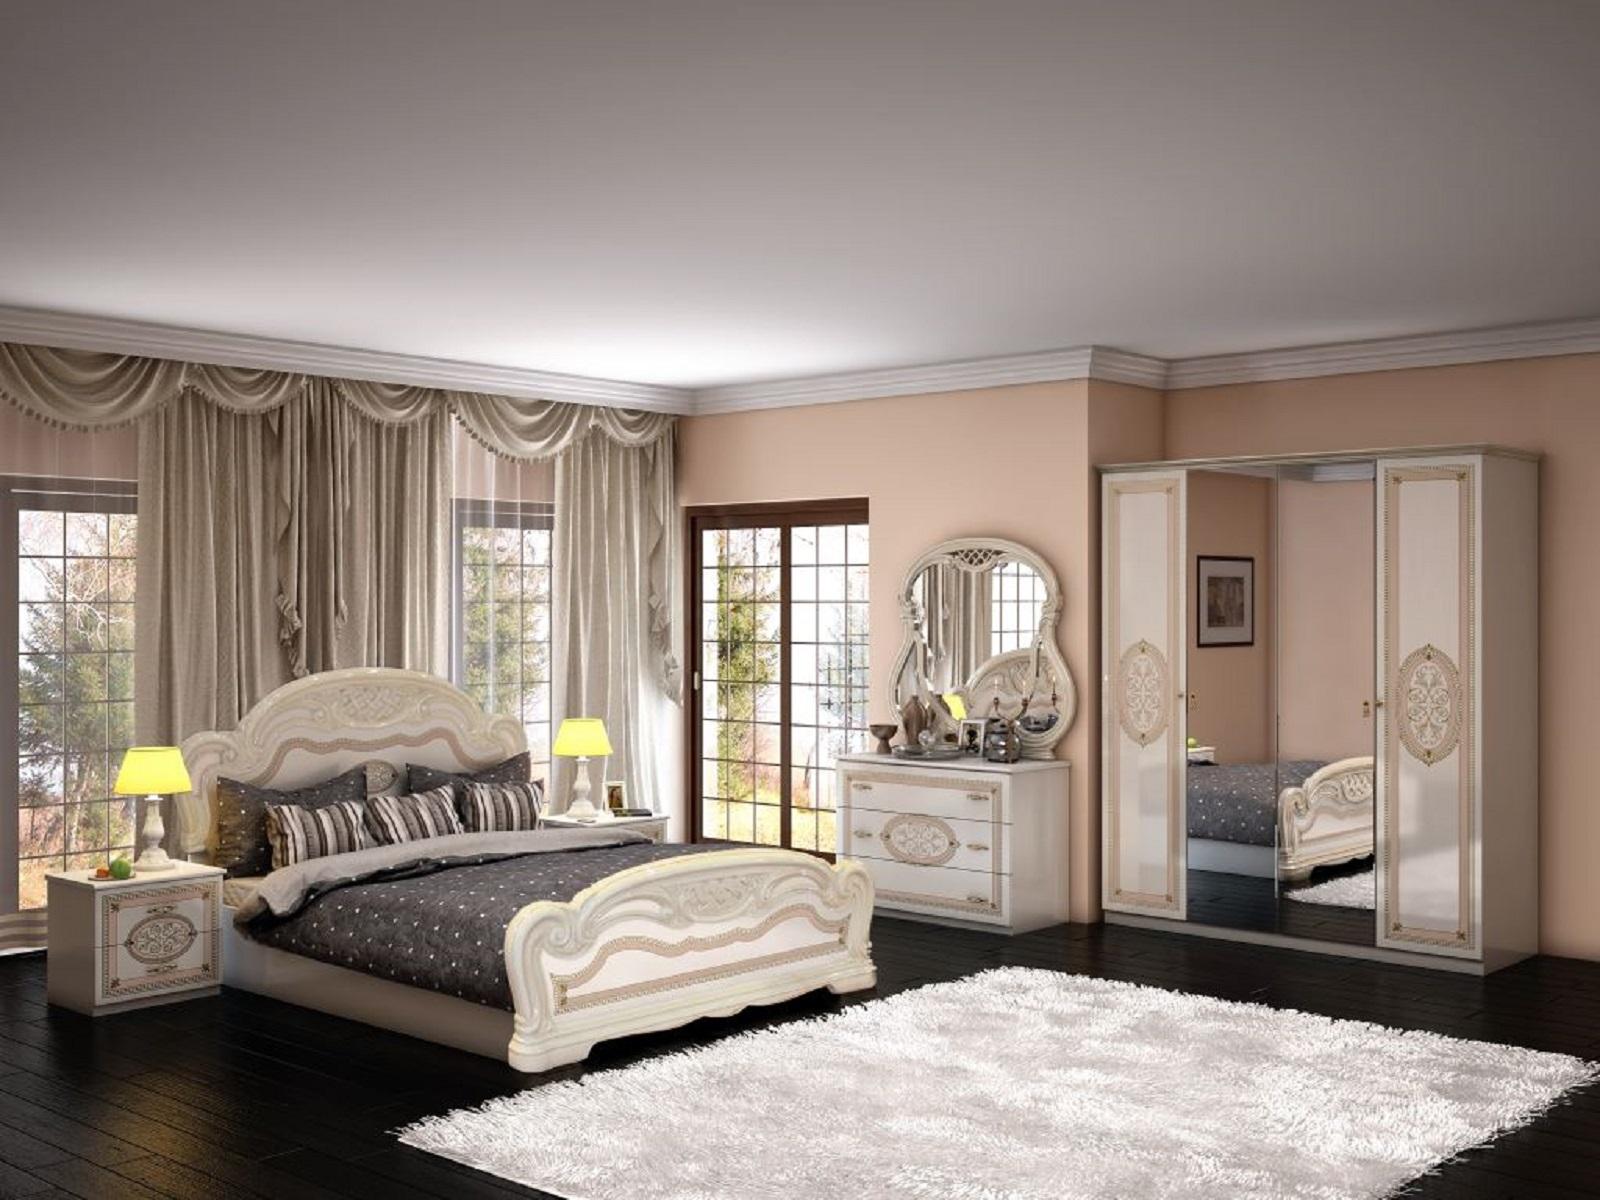 Schlafzimmer set bett 160